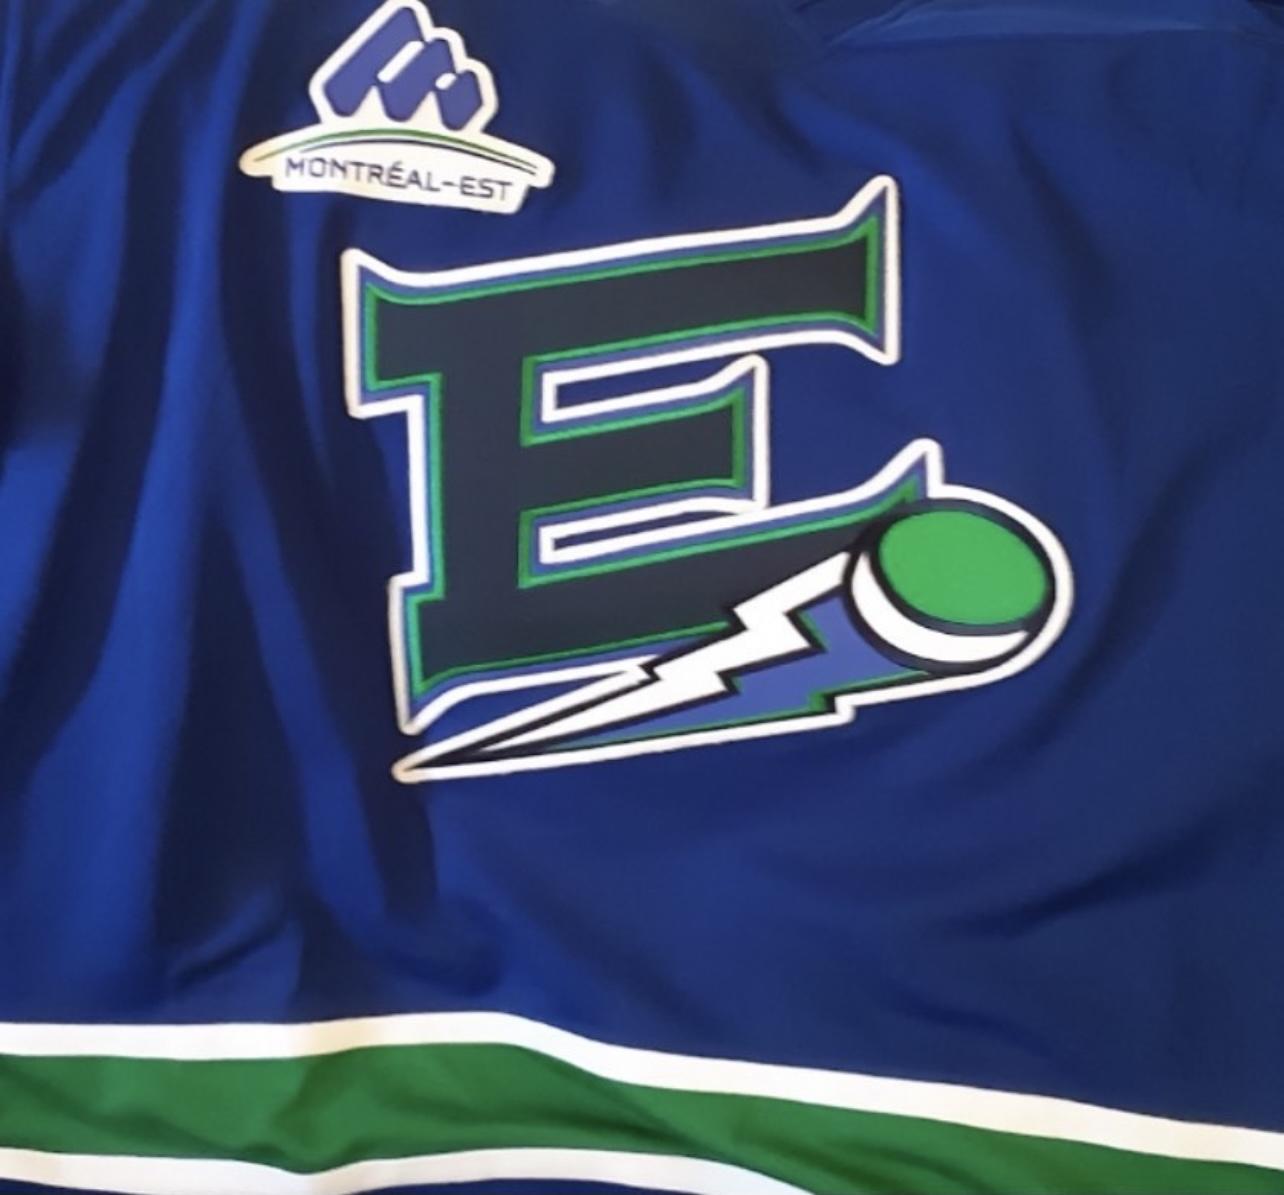 Association du Hockey Mineur de Montréal-Est